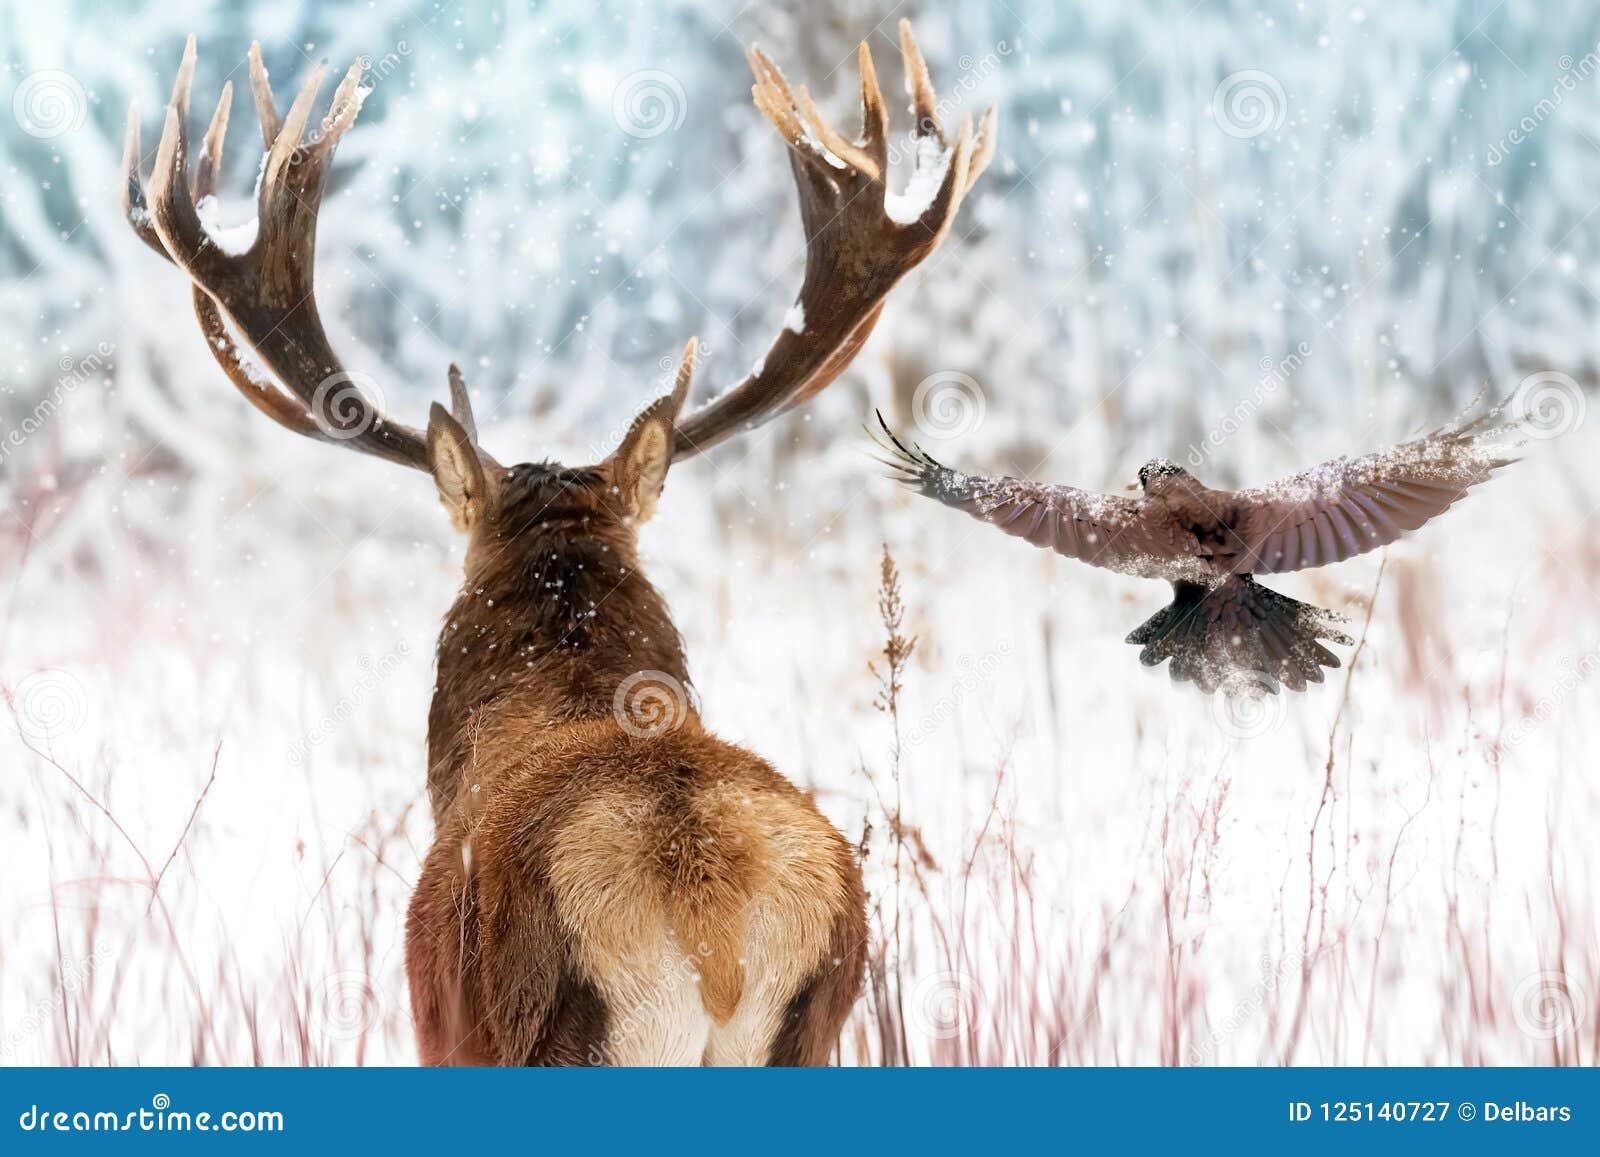 Cervos nobres com chifres grandes e corvo em voo em uma imagem do inverno do Natal da floresta feericamente do inverno